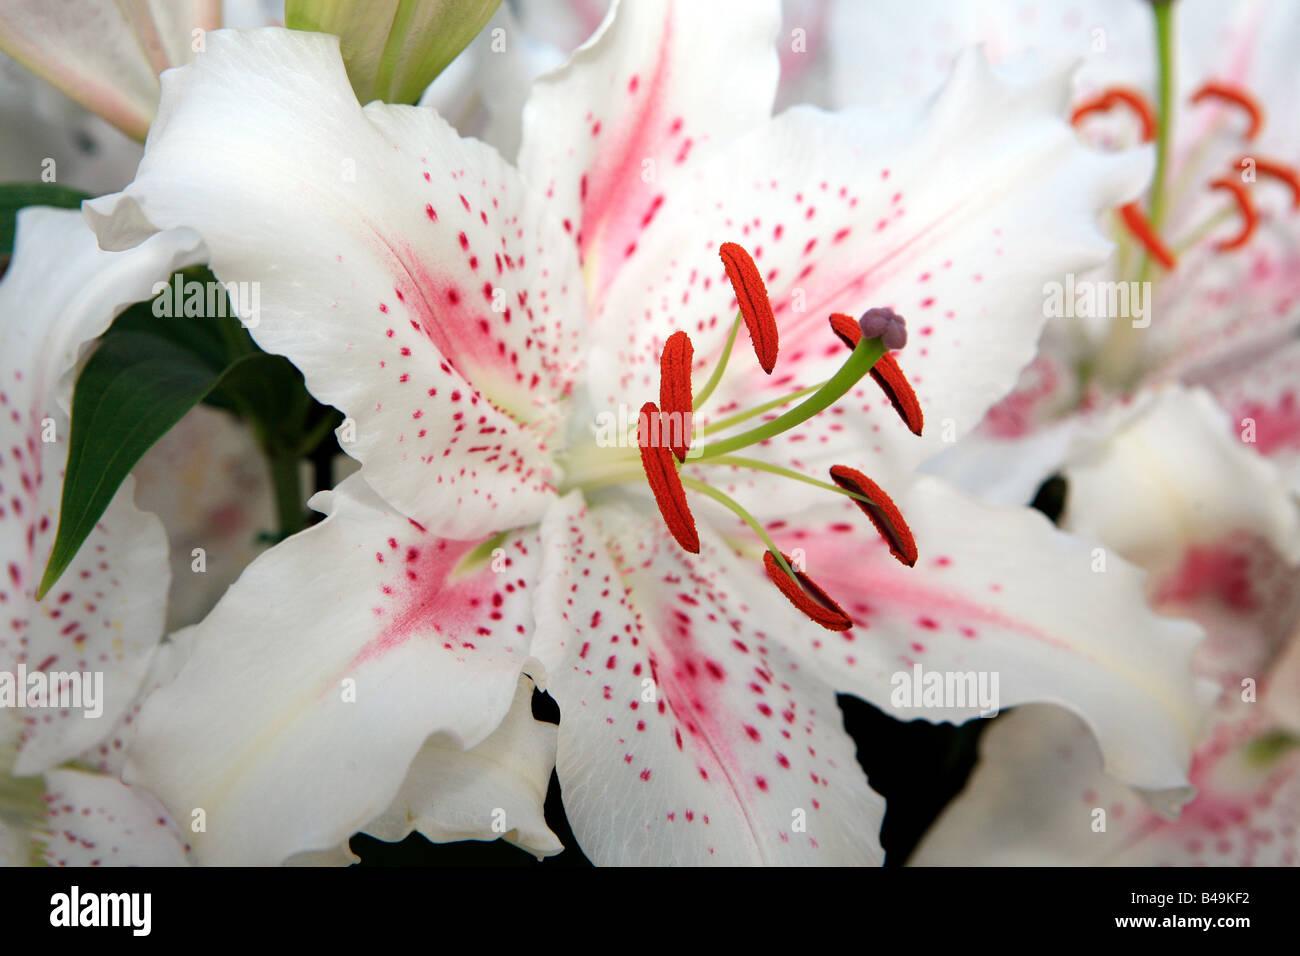 Nahaufnahme der Blüte weiße exotische Lilien Stockbild